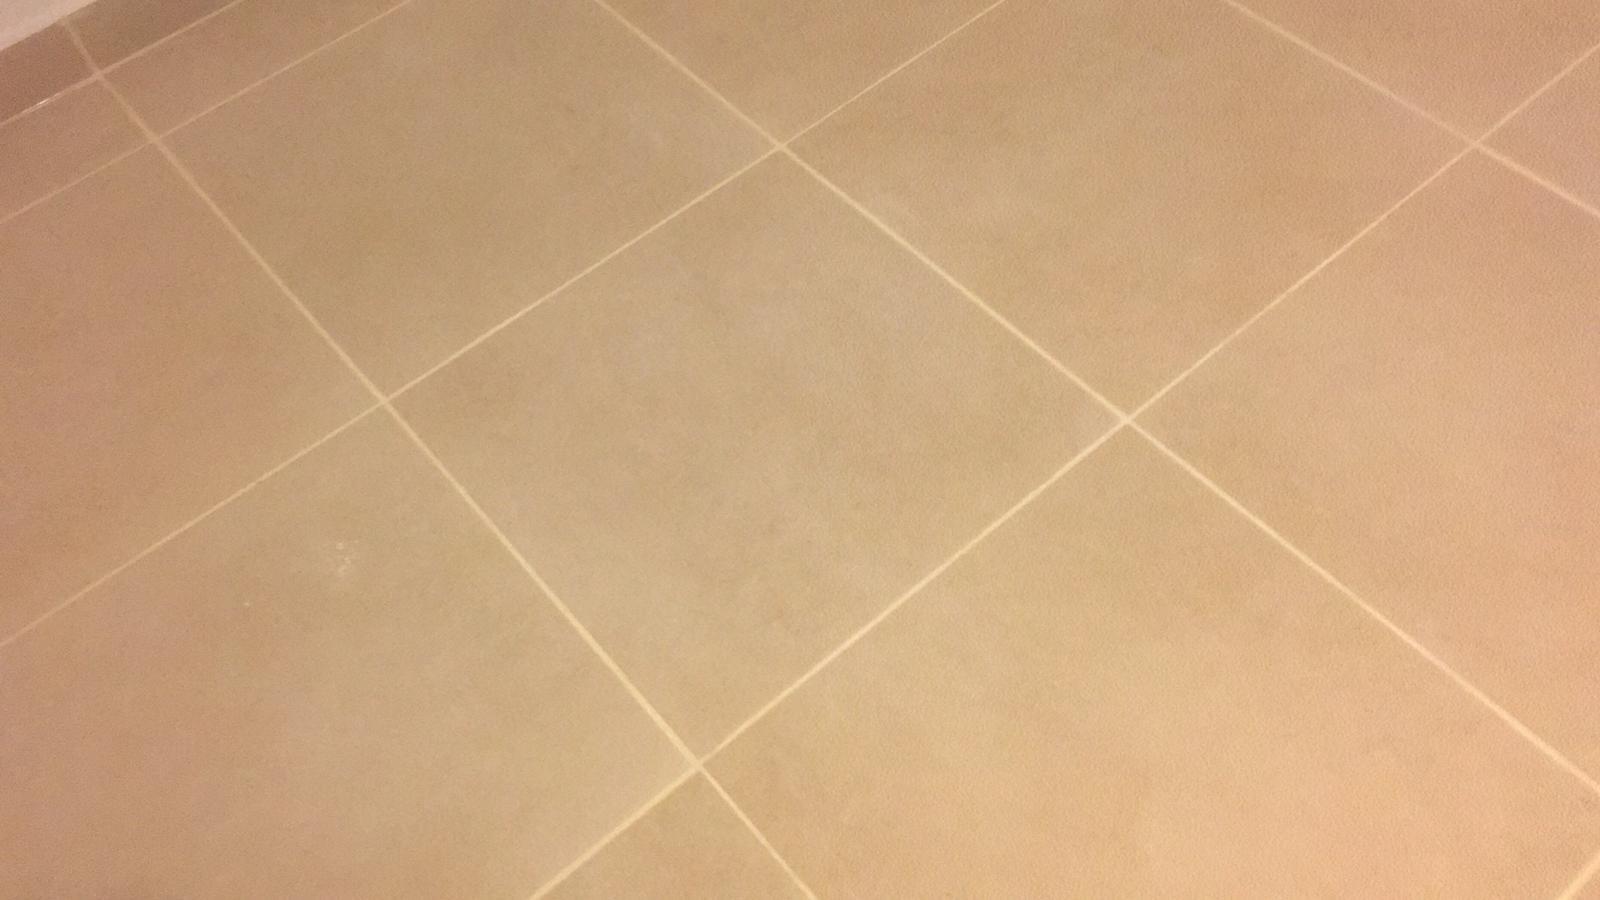 רצפת אפוקסי